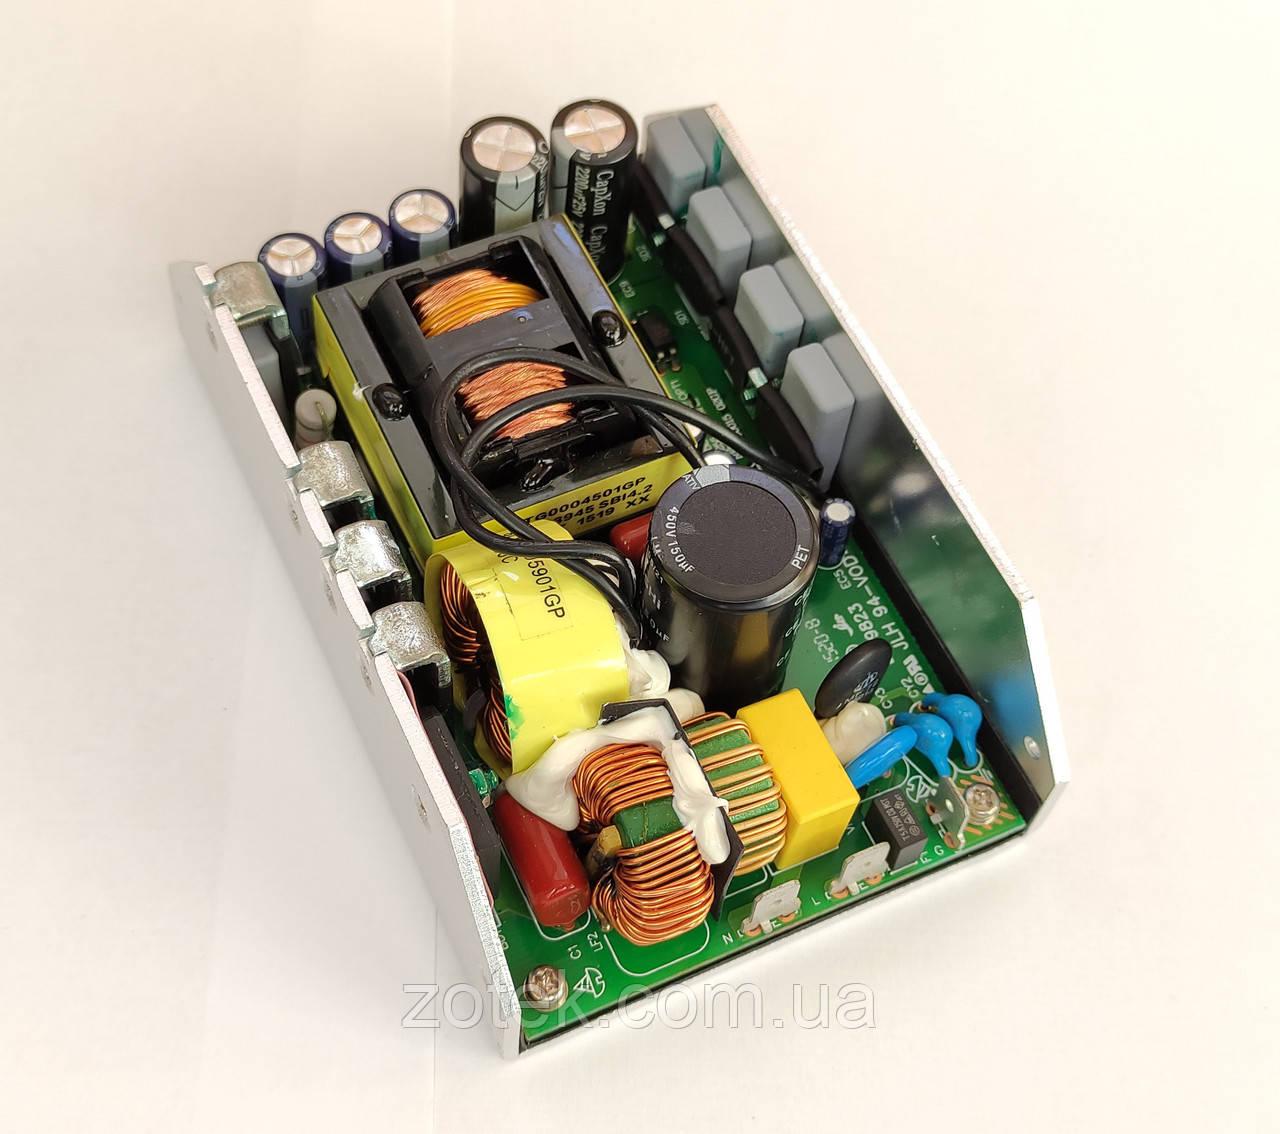 48В 1,8 А + 12В 14А HQ255-2W02 Блок живлення AC-DC 48V 1,8 A + 12V 14А